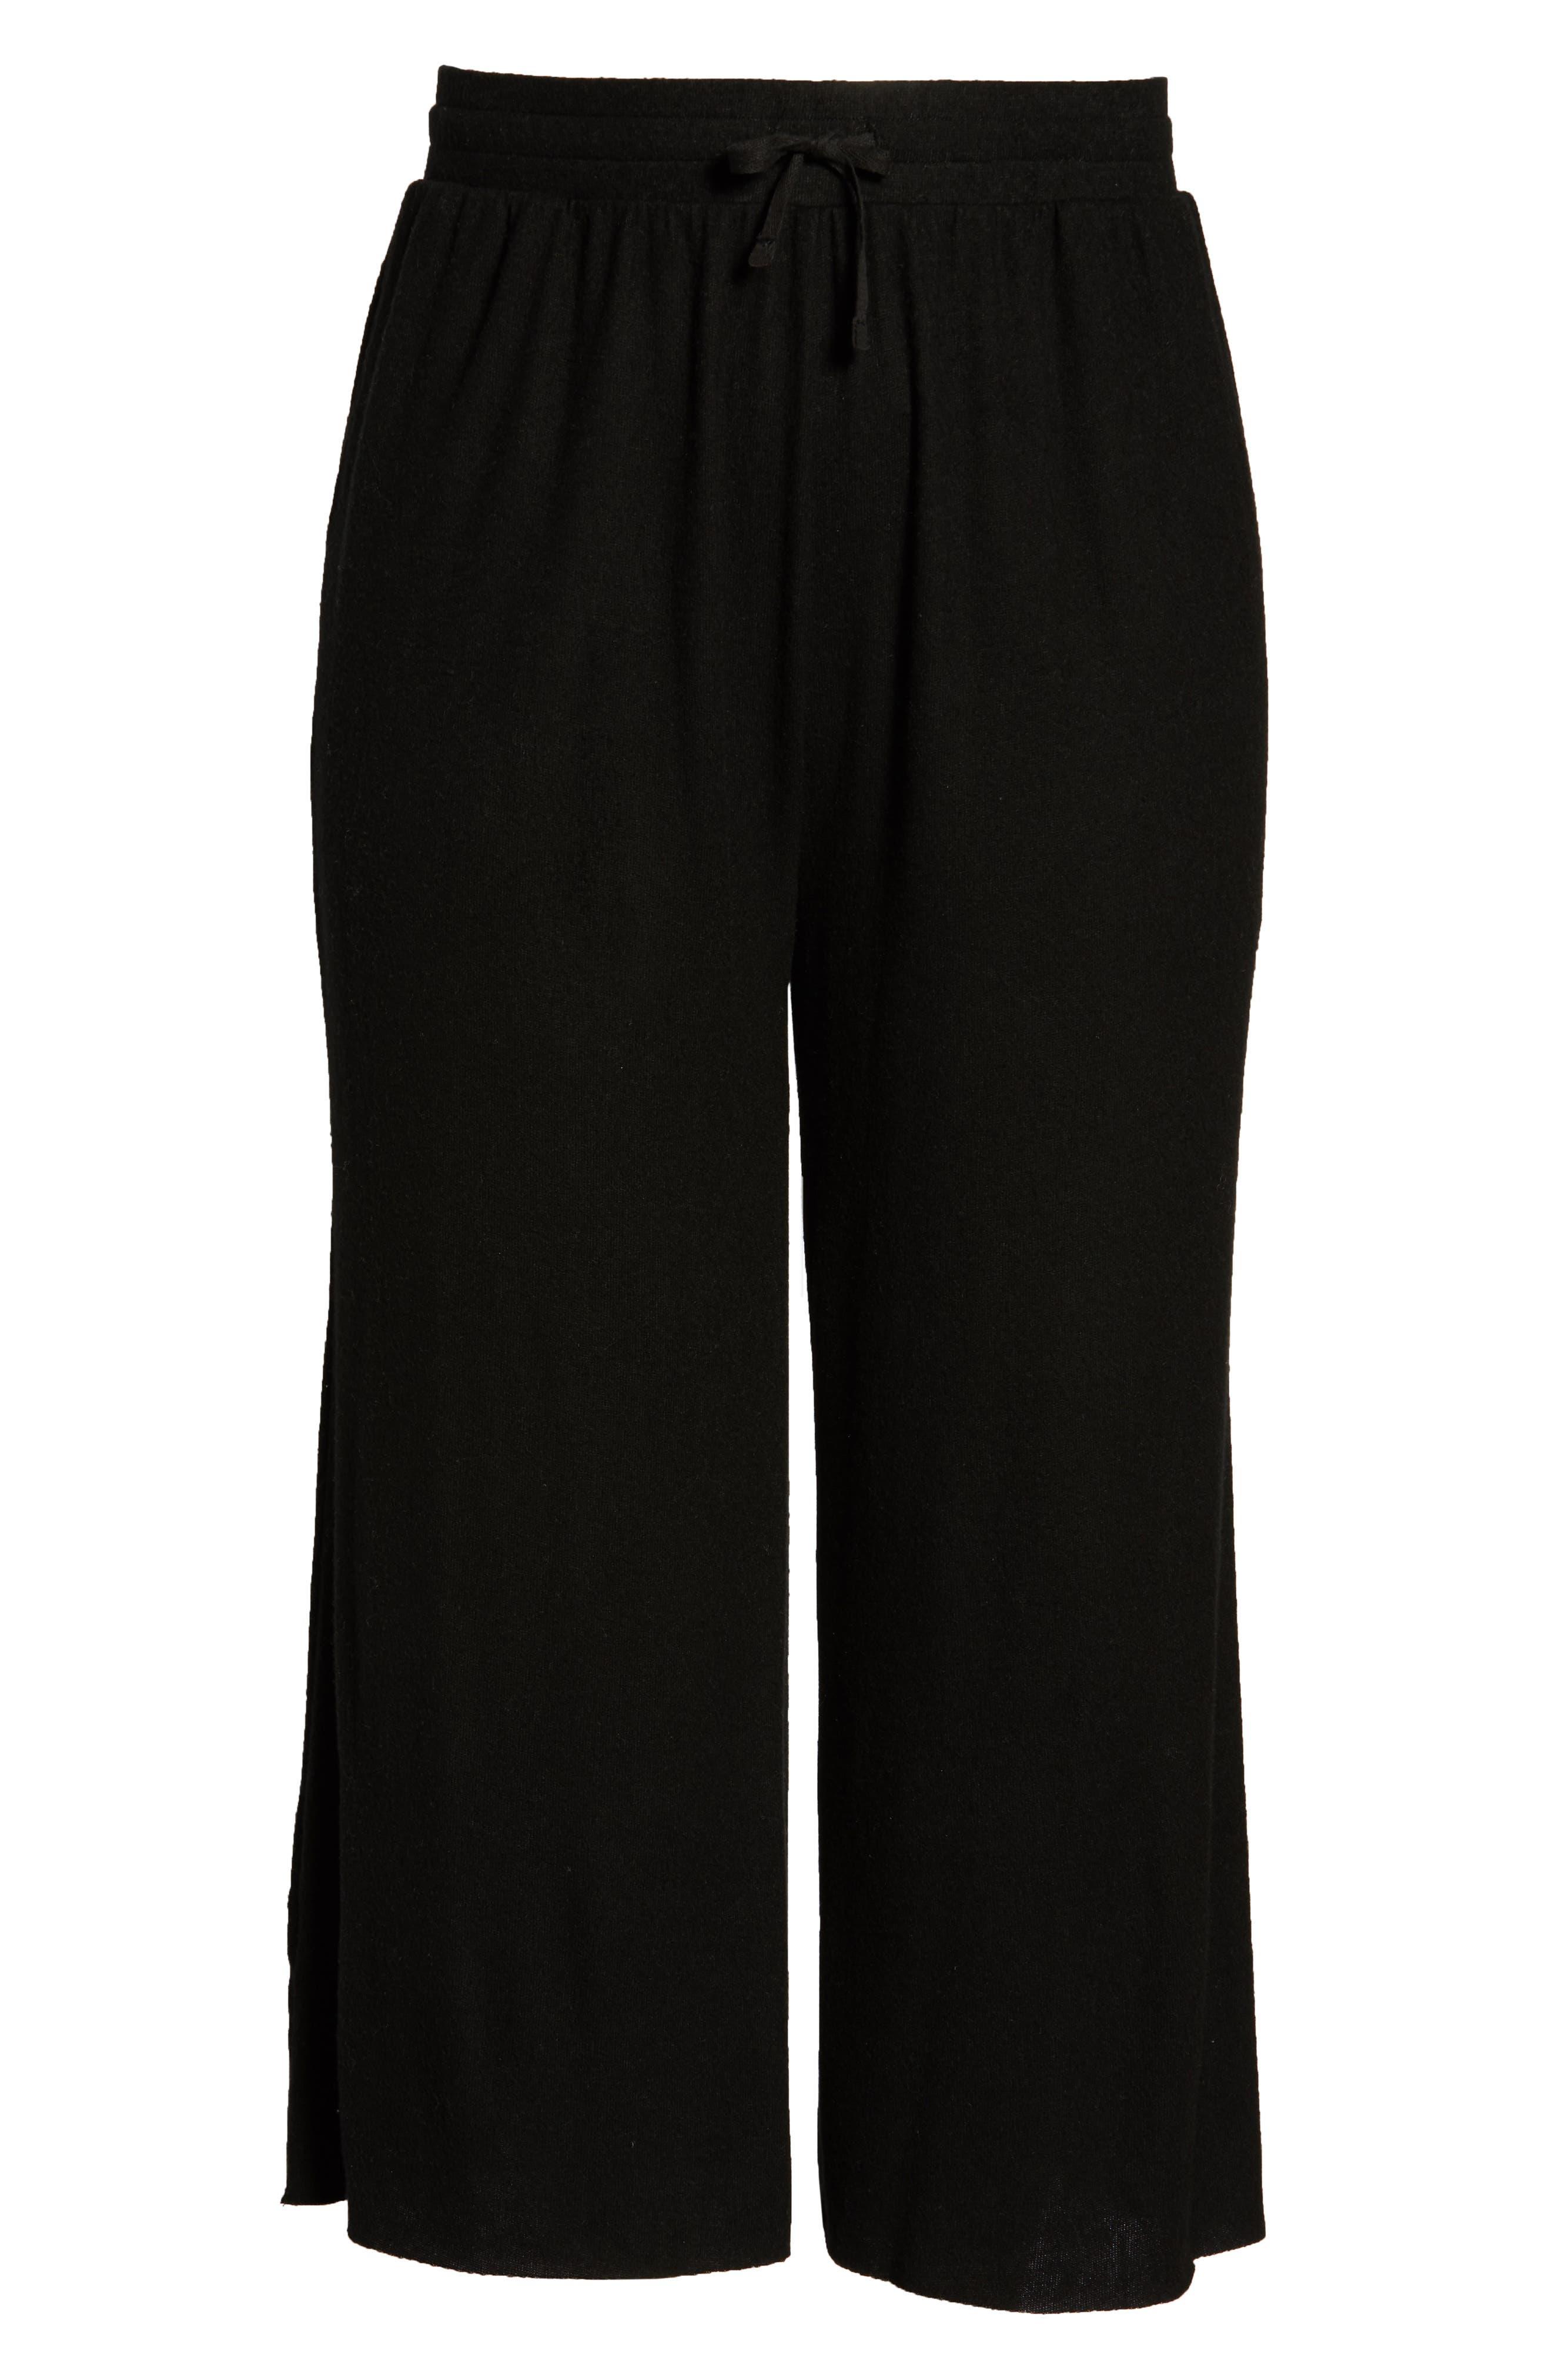 High Rise Wide Leg Knit Crop Pants,                             Alternate thumbnail 6, color,                             BLACK